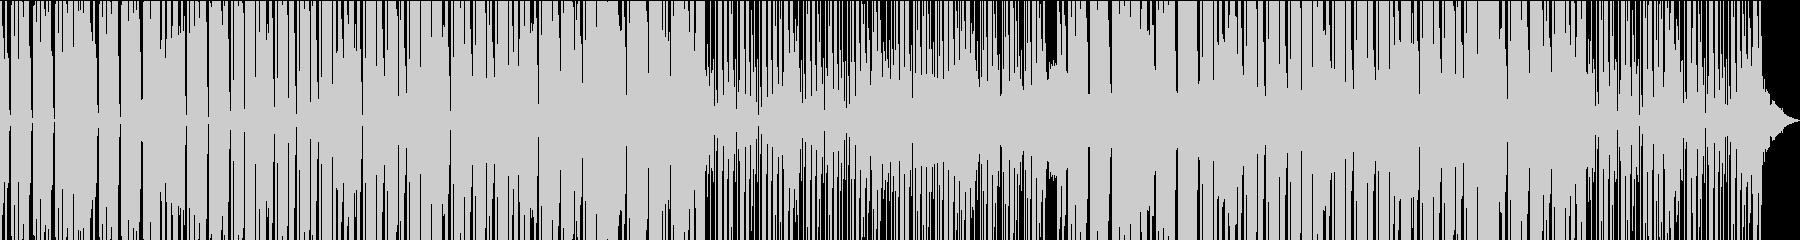 クールな雰囲気のハウスミュージックの未再生の波形